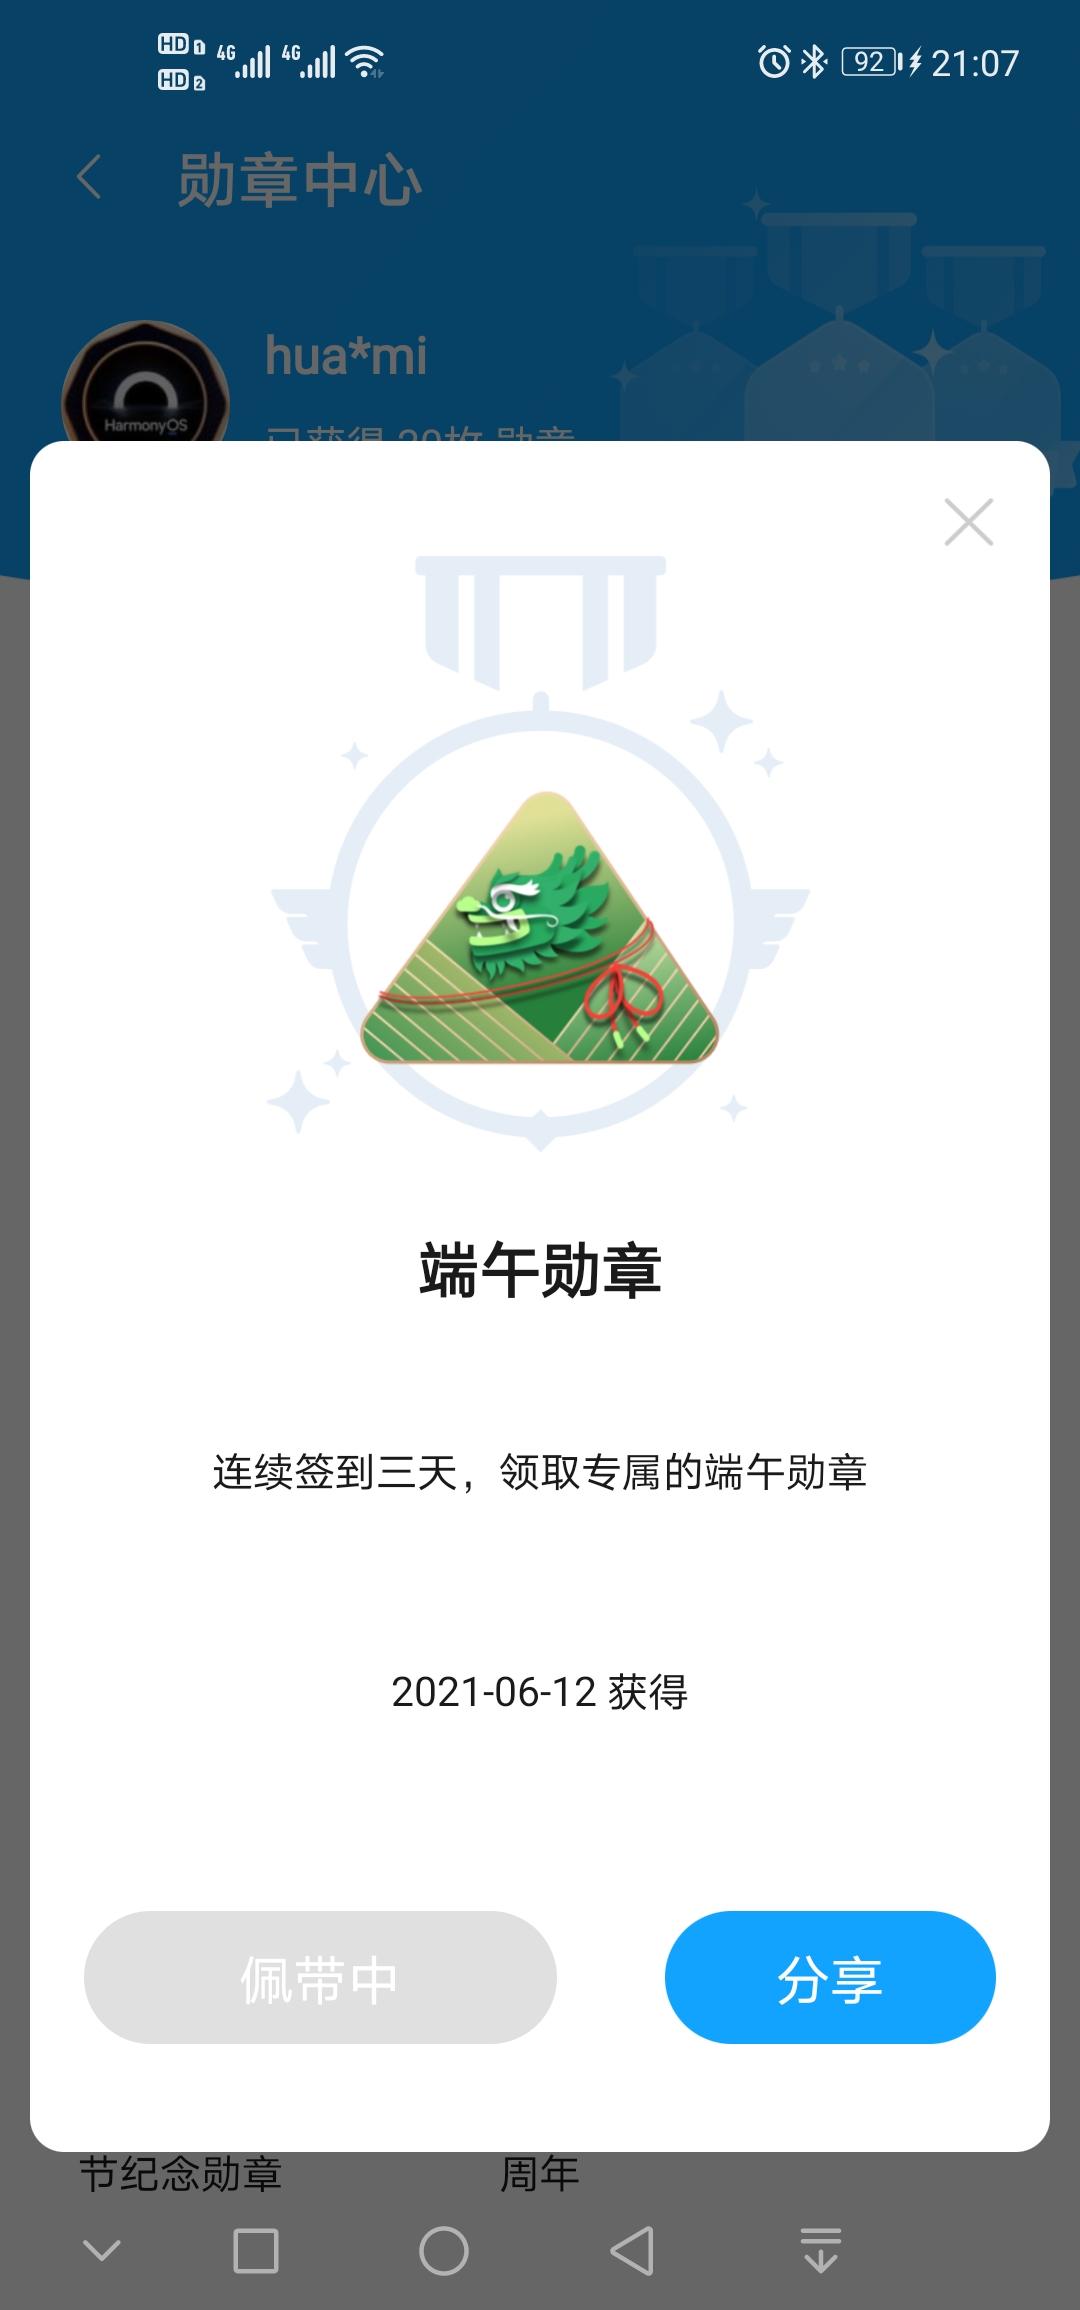 Screenshot_20210614_210735_com.huawei.fans.jpg